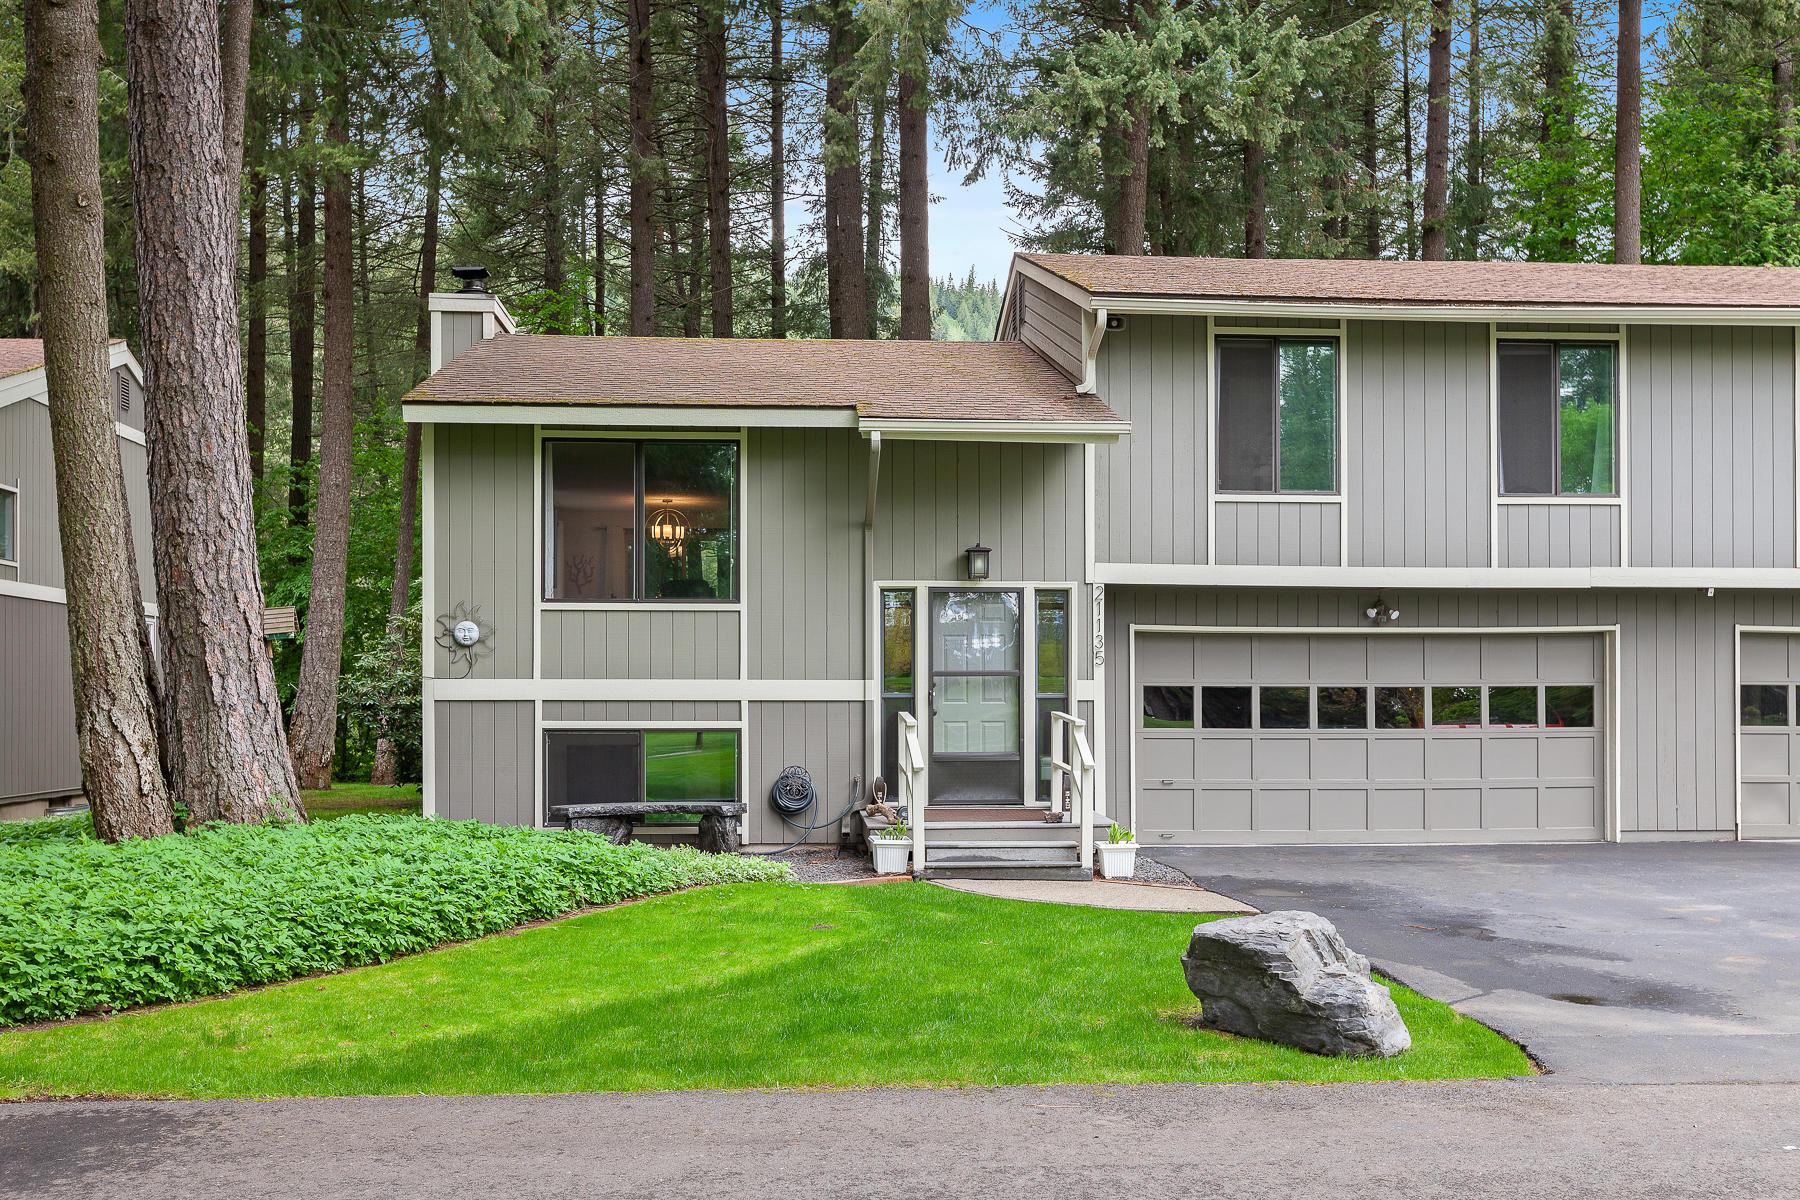 photo of 21135 N FIR LN Rathdrum Idaho 83858